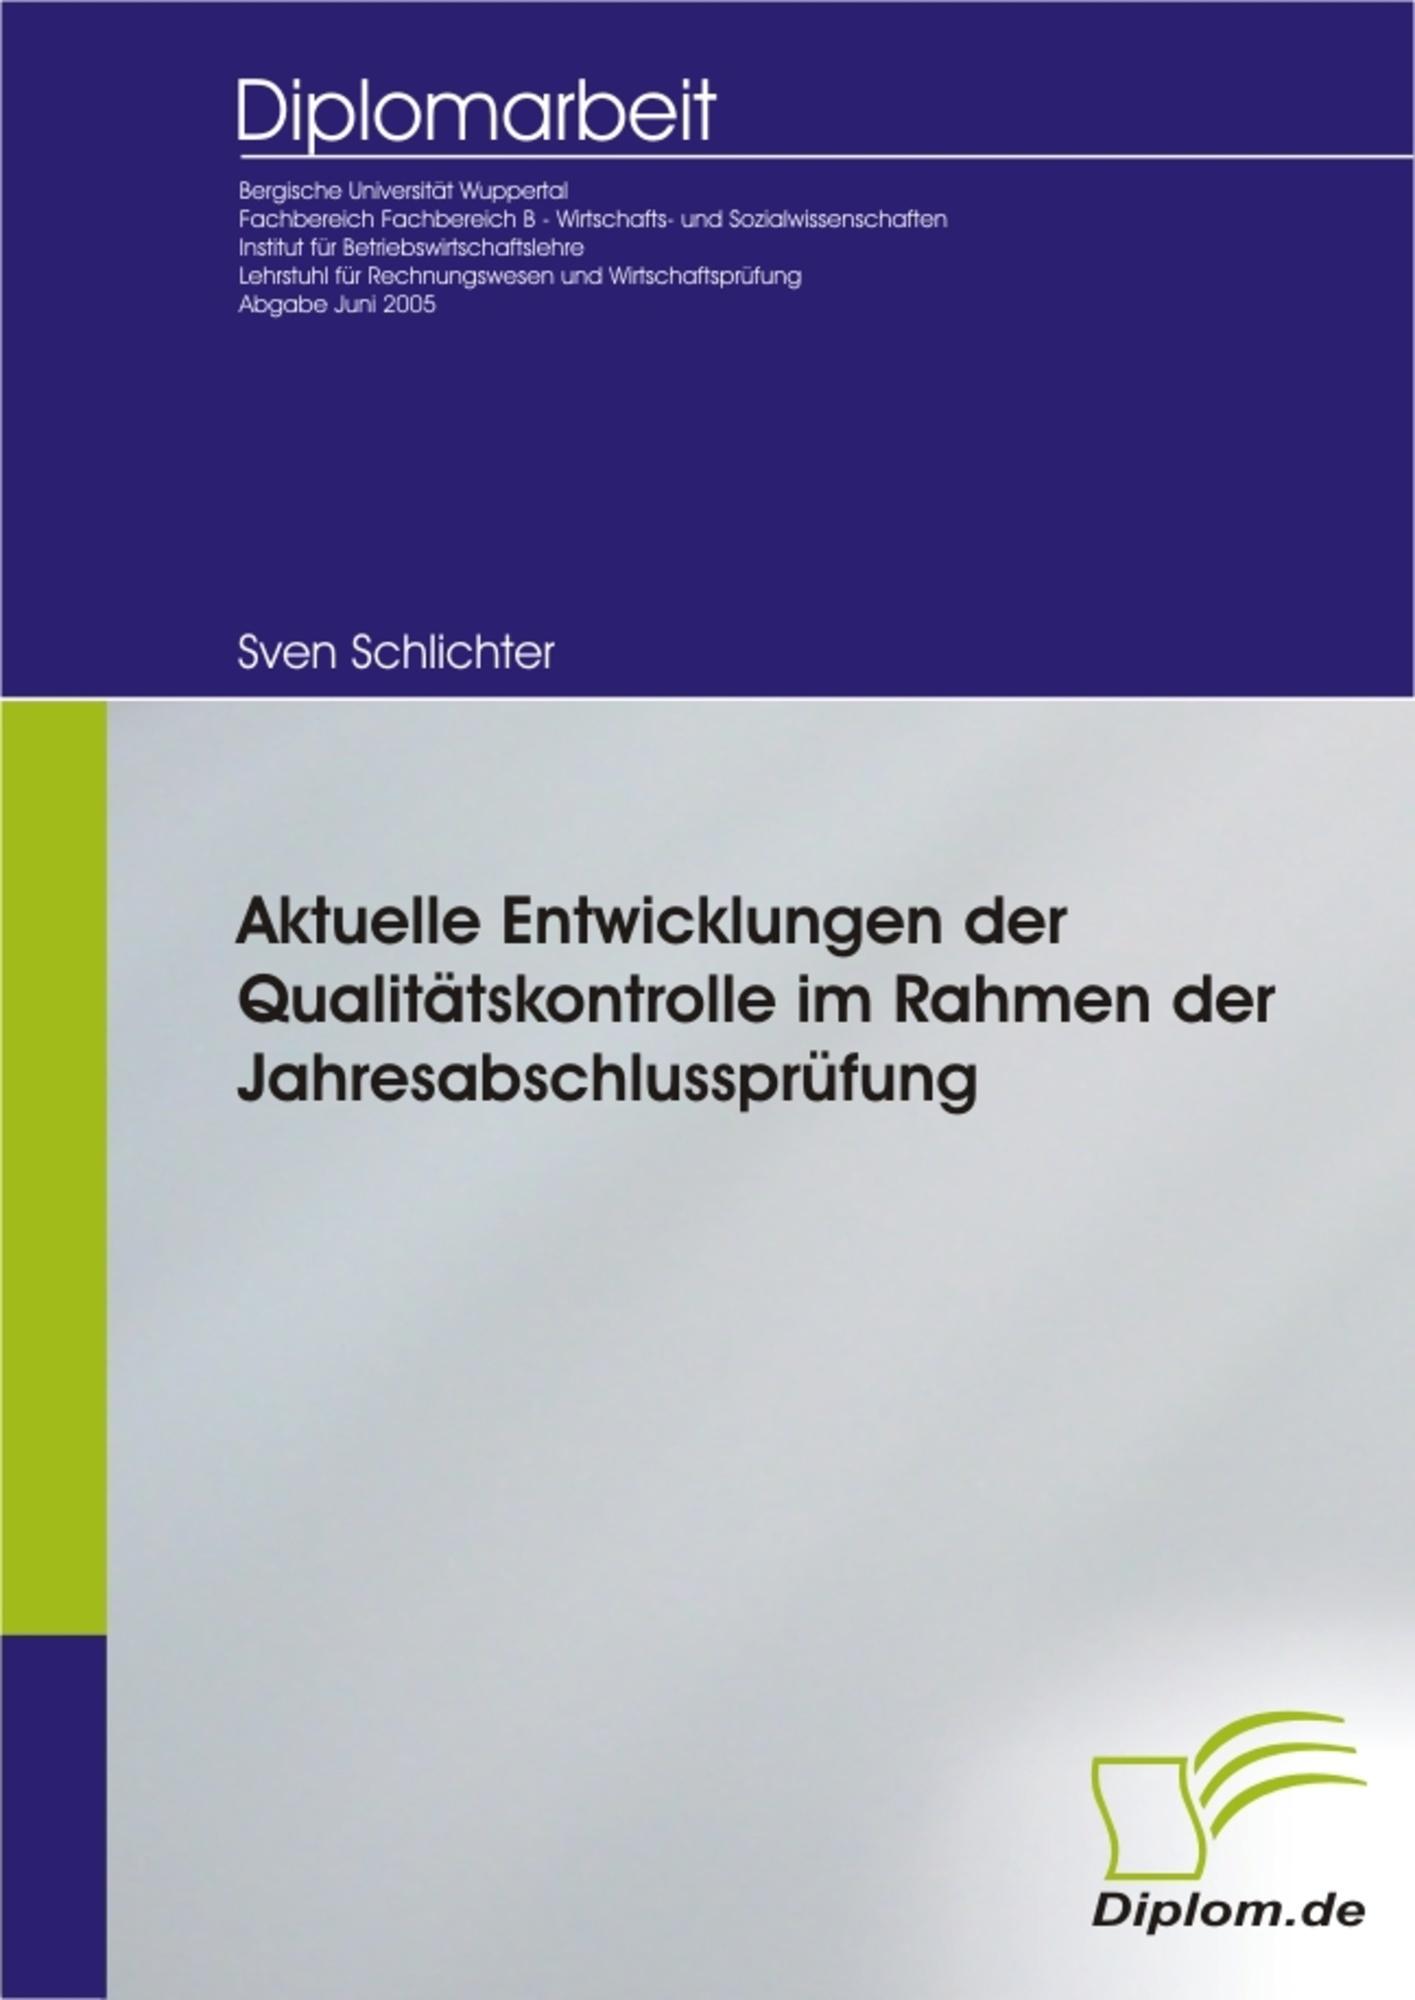 Aktuelle Entwicklungen der Qualitätskontrolle im Rahmen der ...